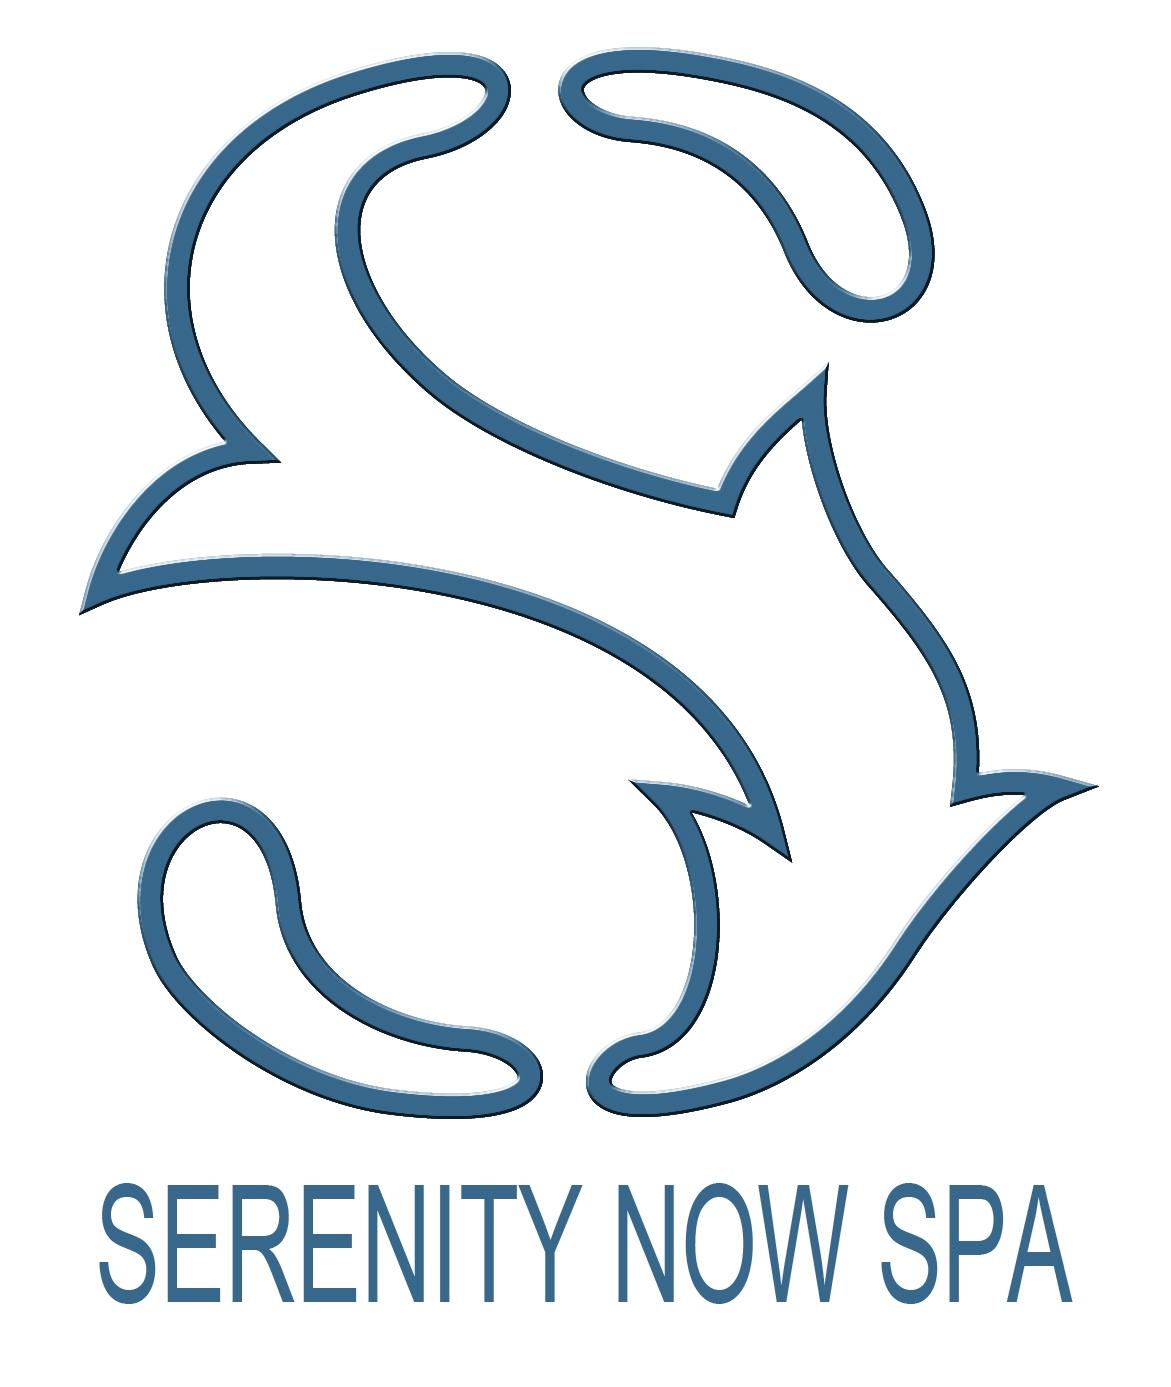 SNSpa logo